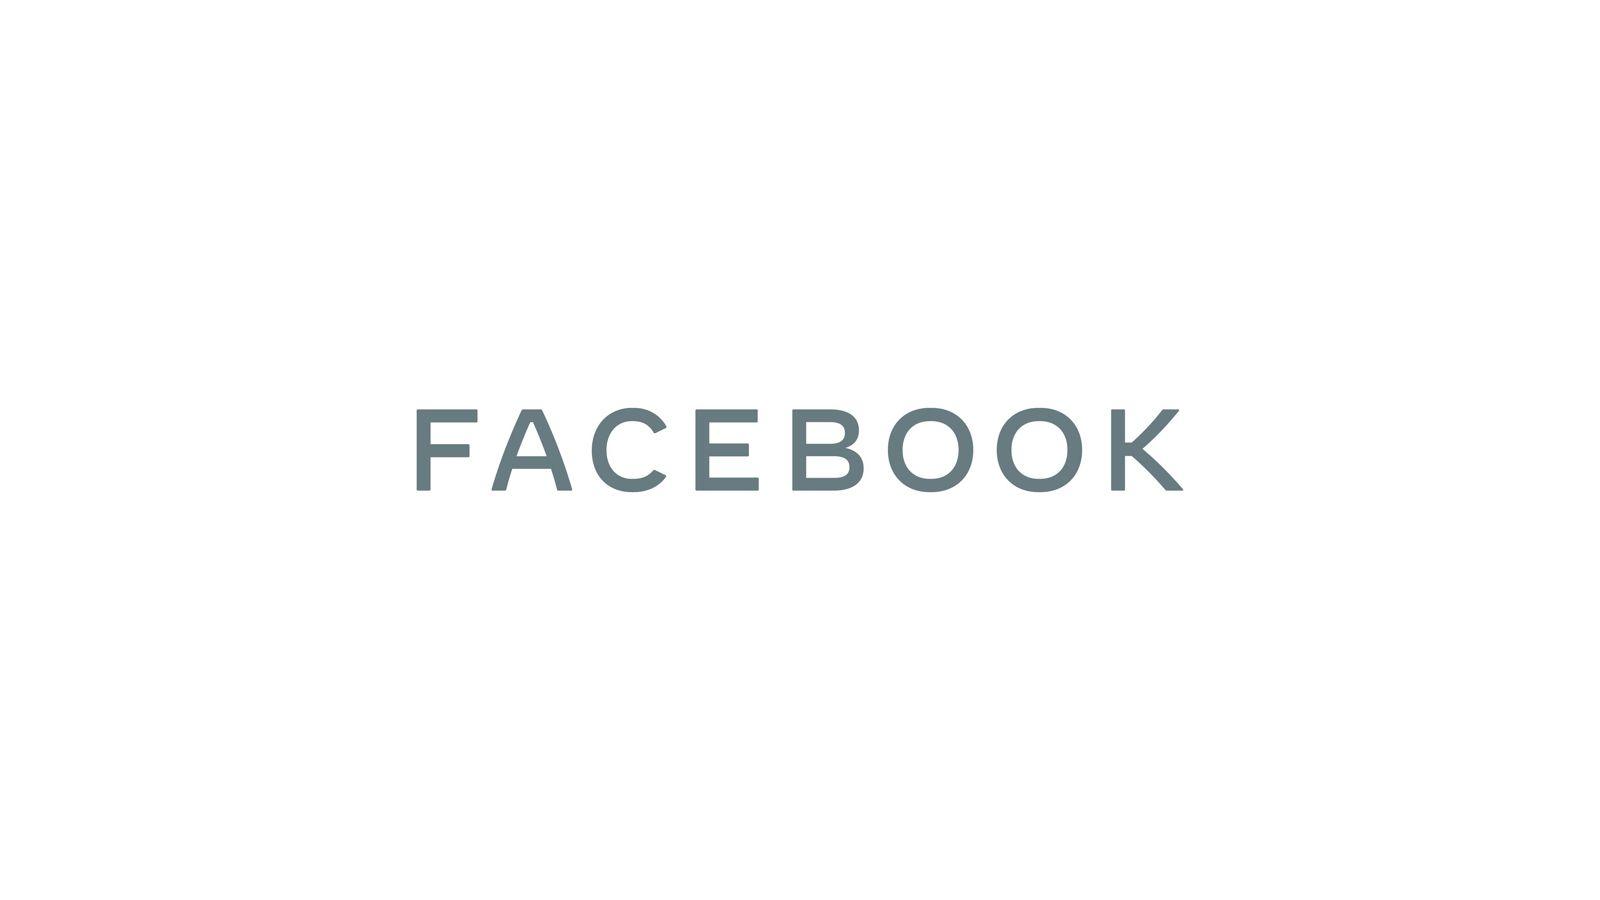 Facebook je po novom FACEBOOK